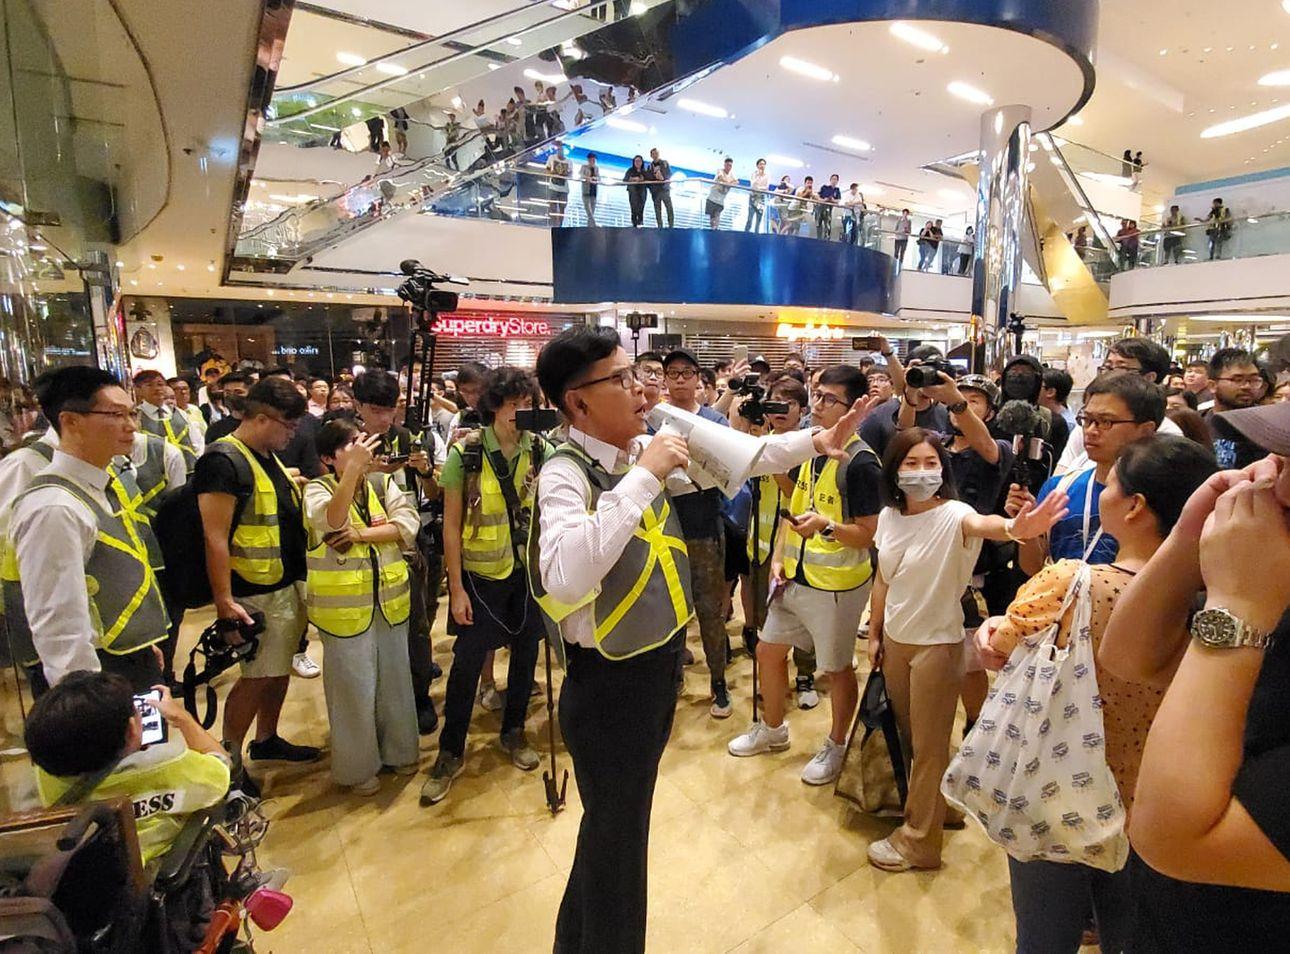 有人昨日在太古城中心聚集,不滿防暴警察進入商場搜捕在場人士。資料圖片